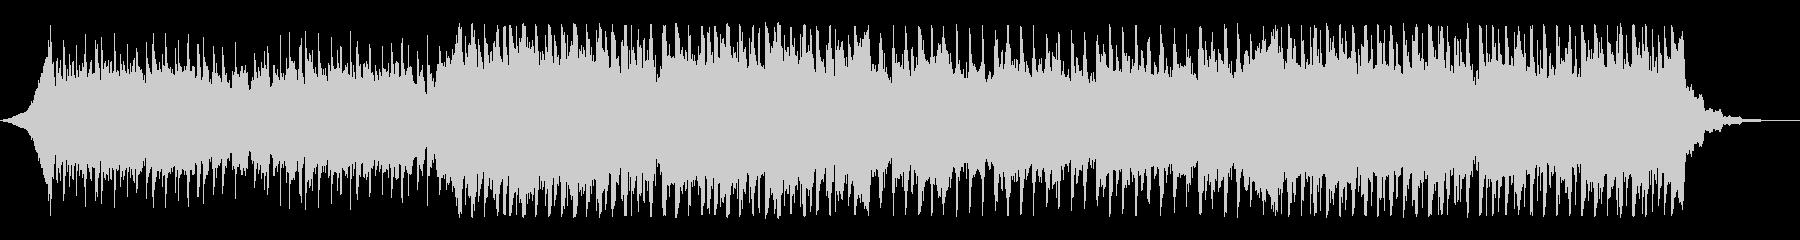 電気音響シンフォニー 企業イメージ...の未再生の波形